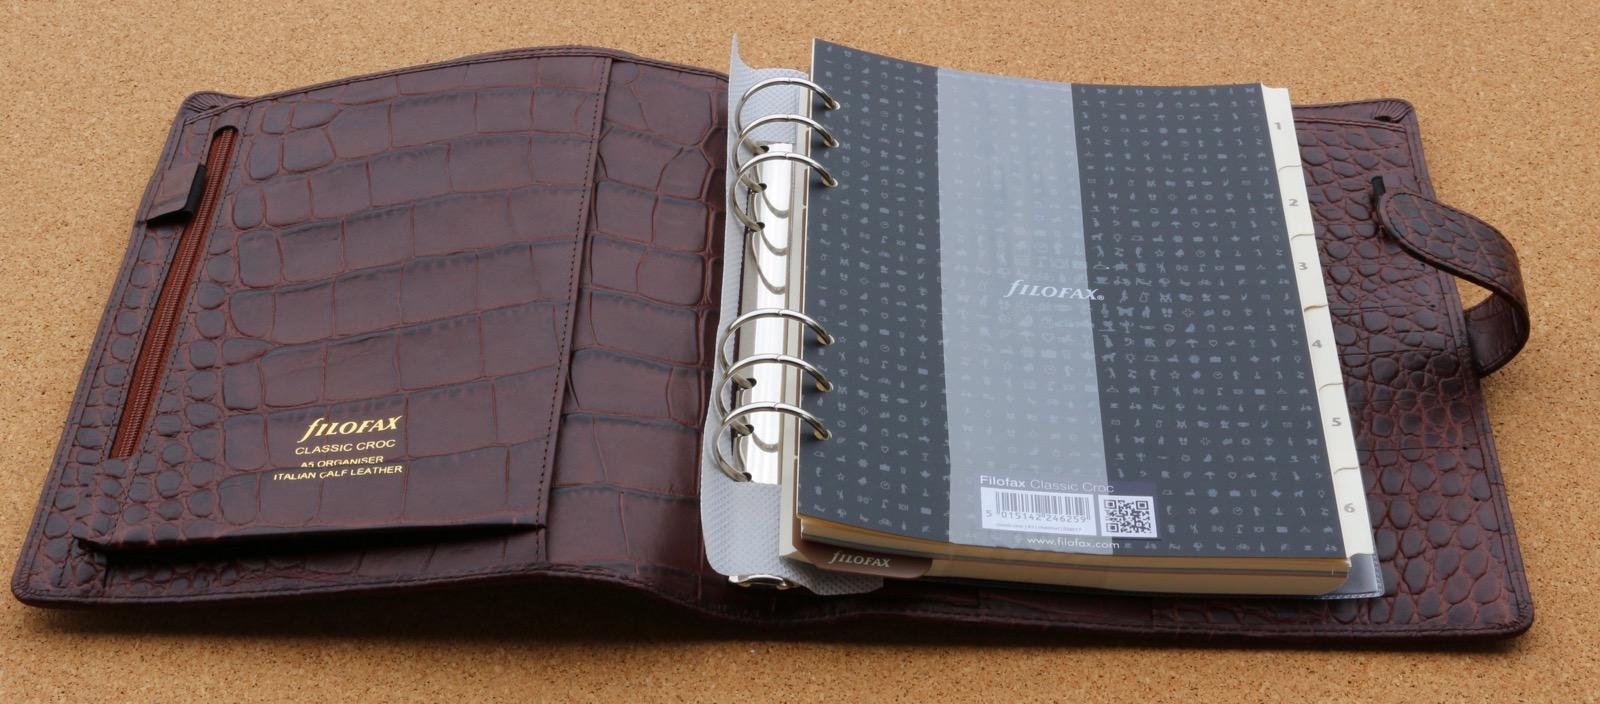 Philofaxy Filofax Classic Croc A5 Personal Organiser Review